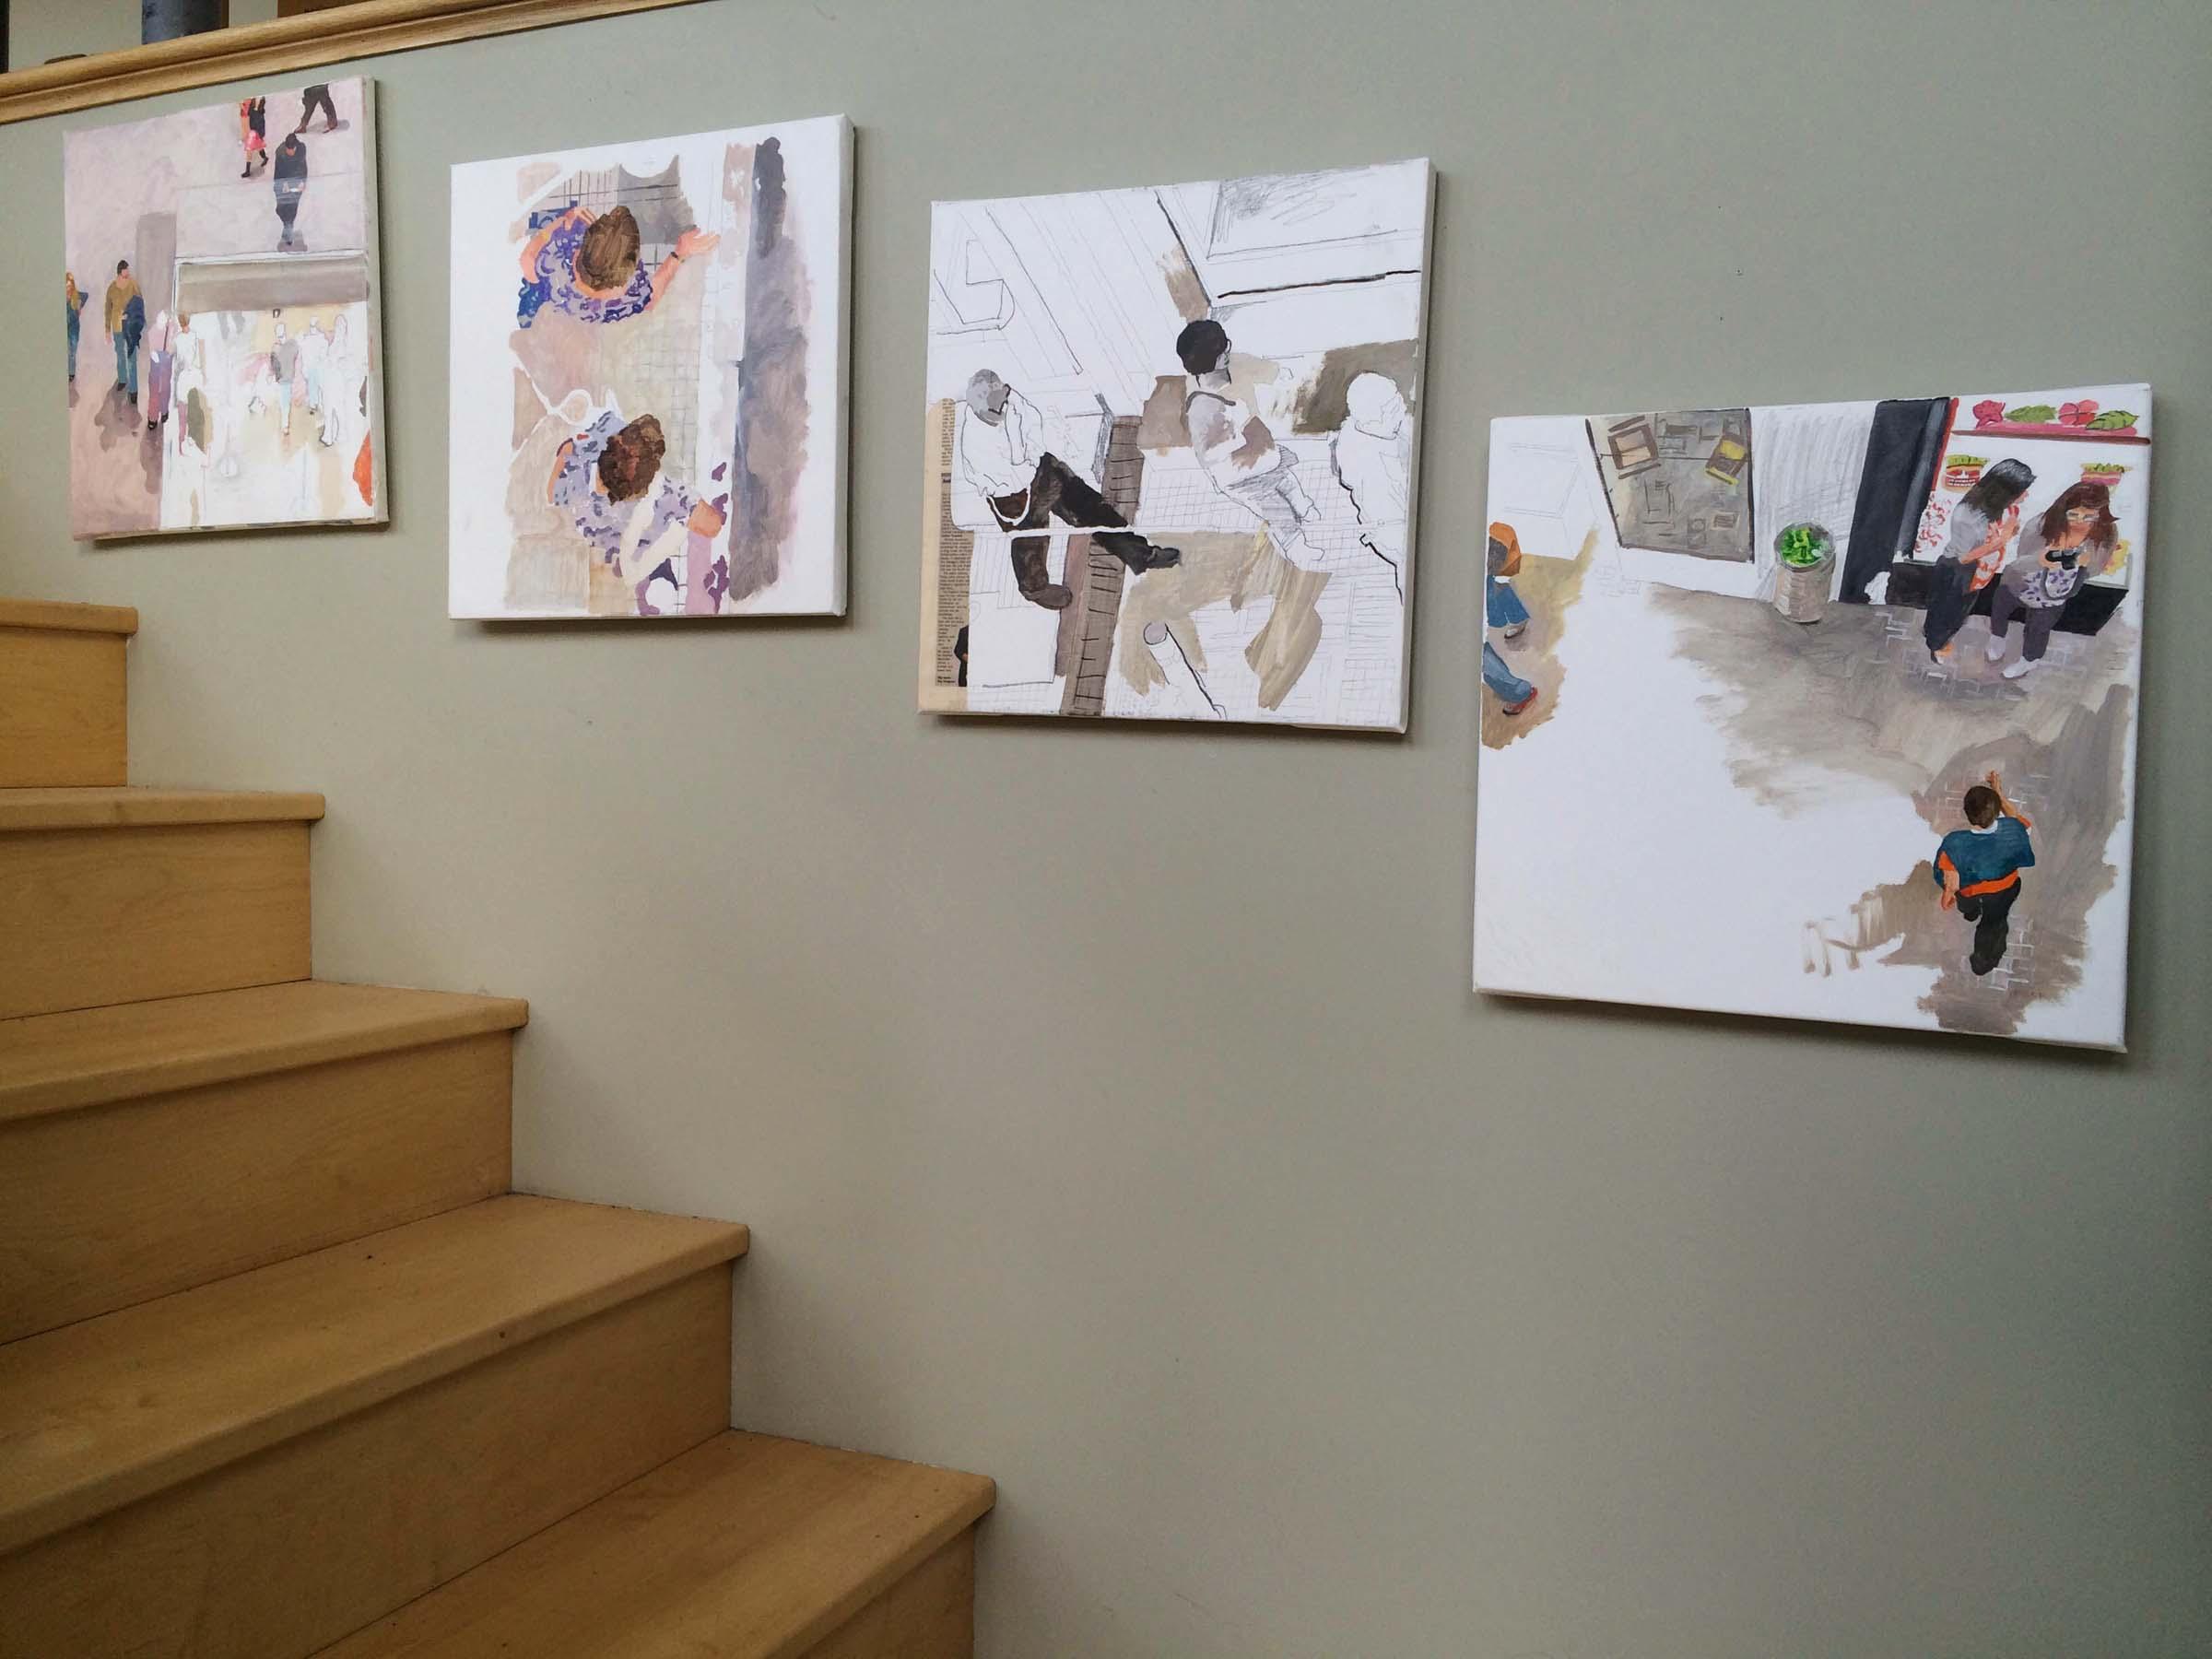 site-11-20-14 paintings on stairs 3.jpg